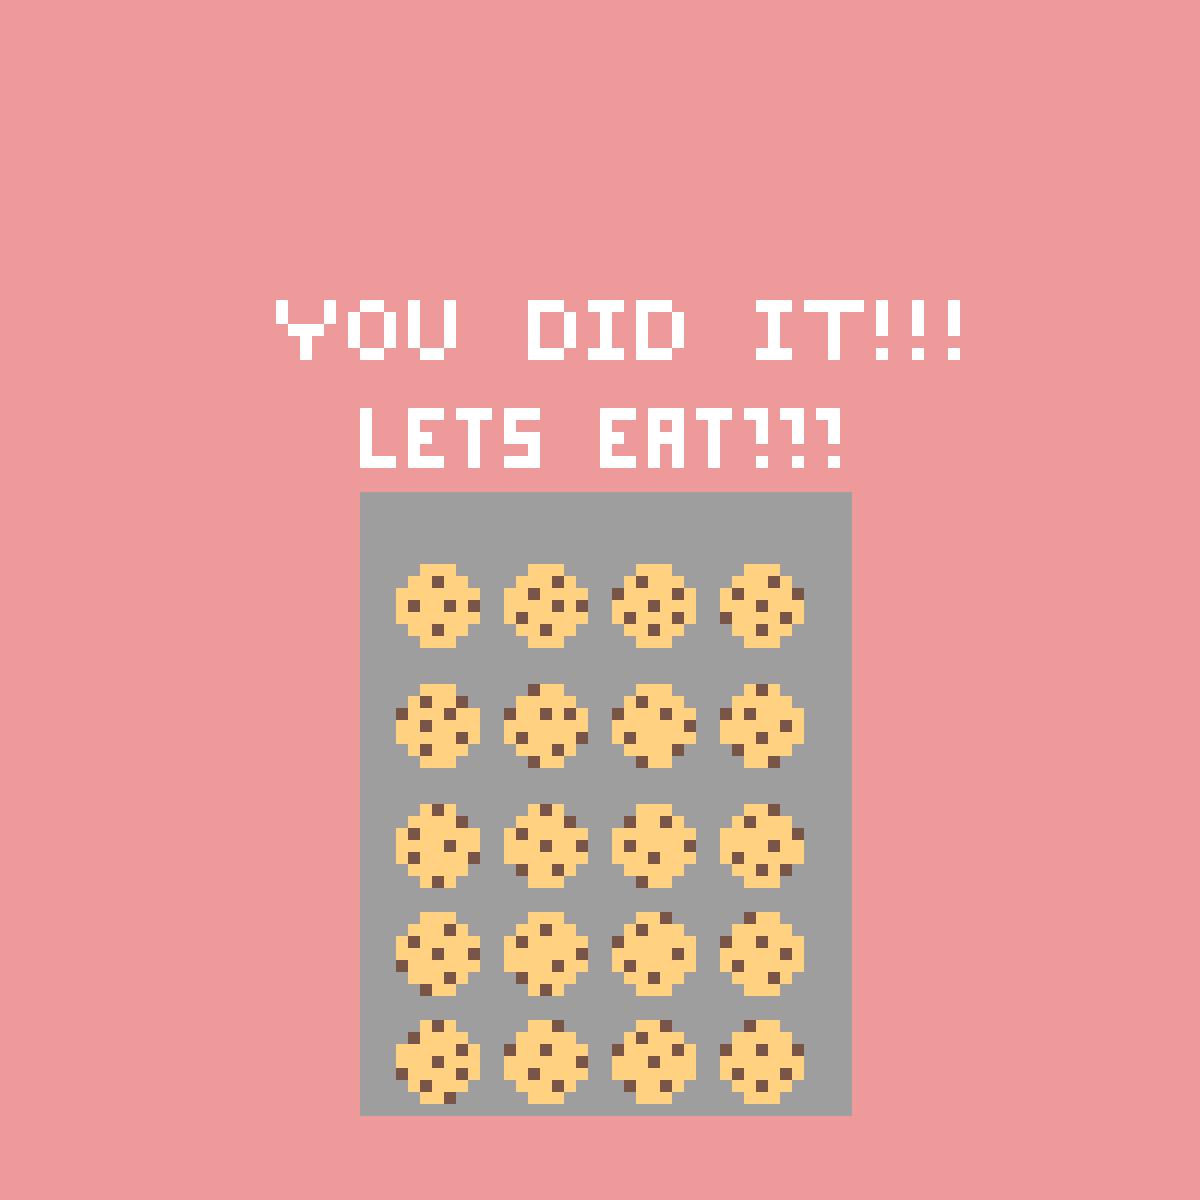 cookiesheet42 by 12185793